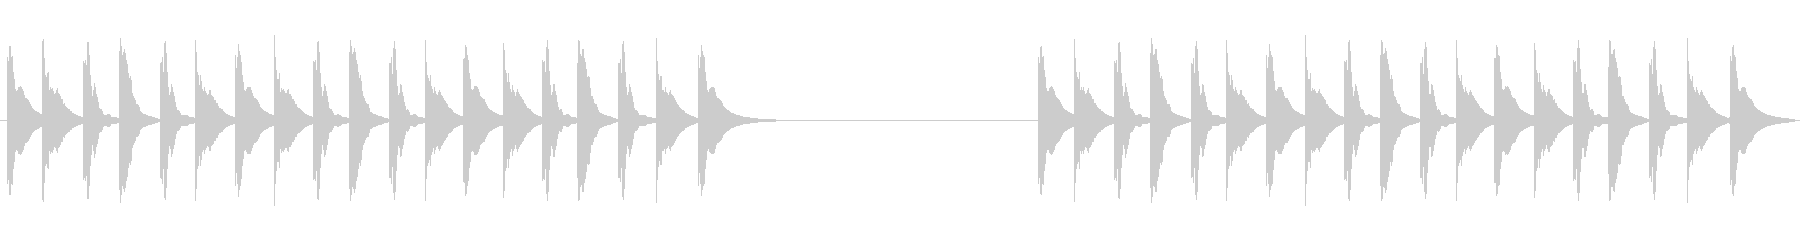 木琴ジングル、ほのぼのアニメ系の未再生の波形